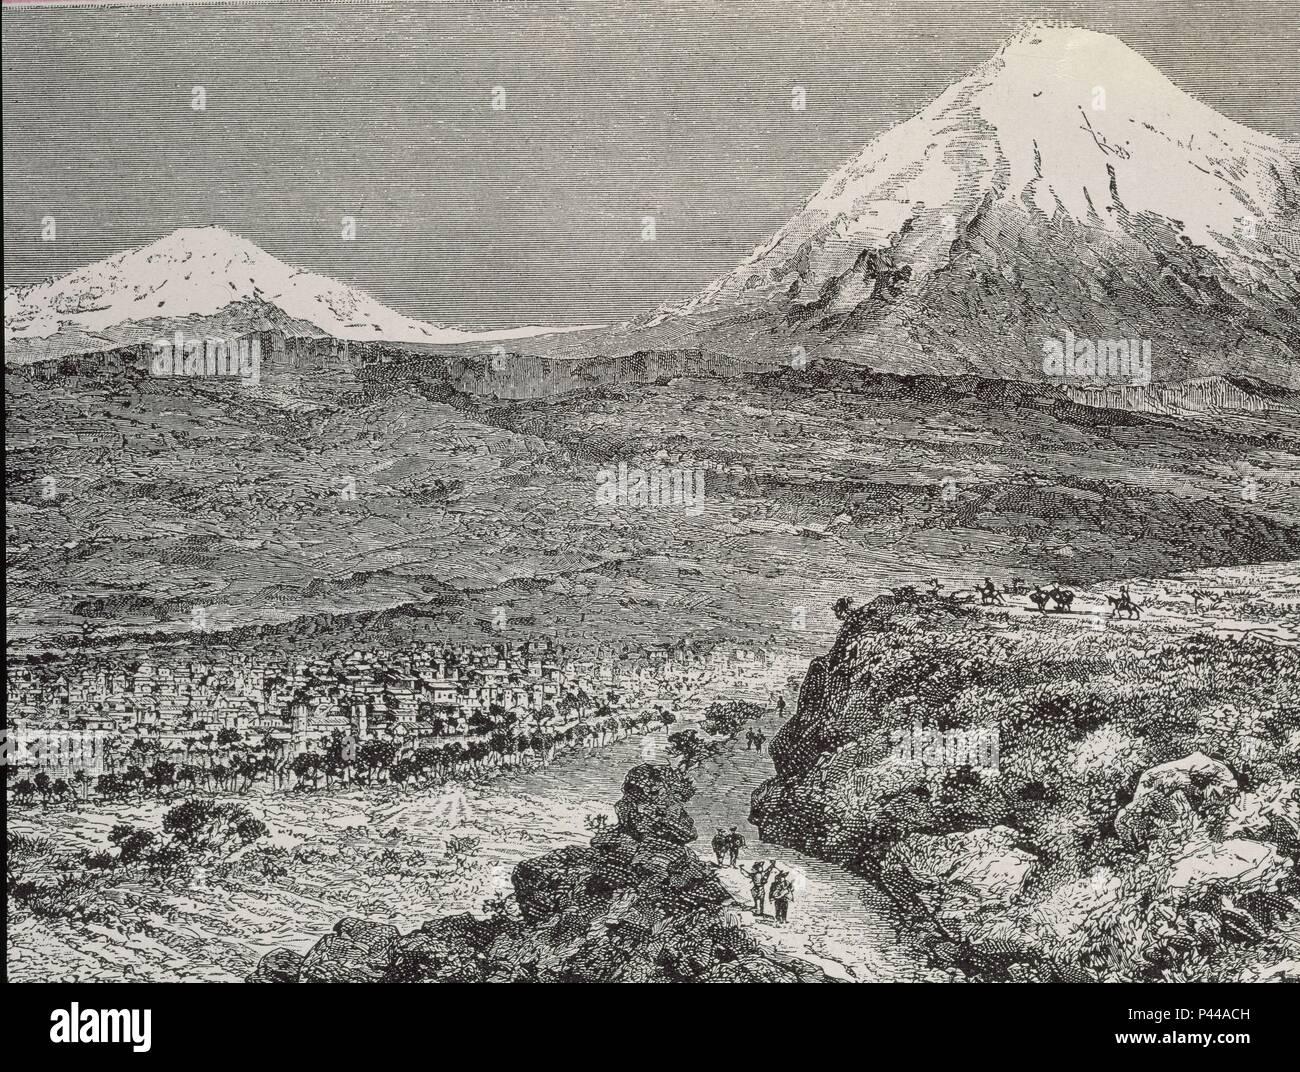 LA ILUSTRACION 1885 - VISTA DE LA PAZ SITUADA AL PIE DE LA CORDILLERA REAL A 3500 M DE ALTURA. Location: BIBLIOTECA NACIONAL-COLECCION, MADRID, SPAIN. - Stock Image